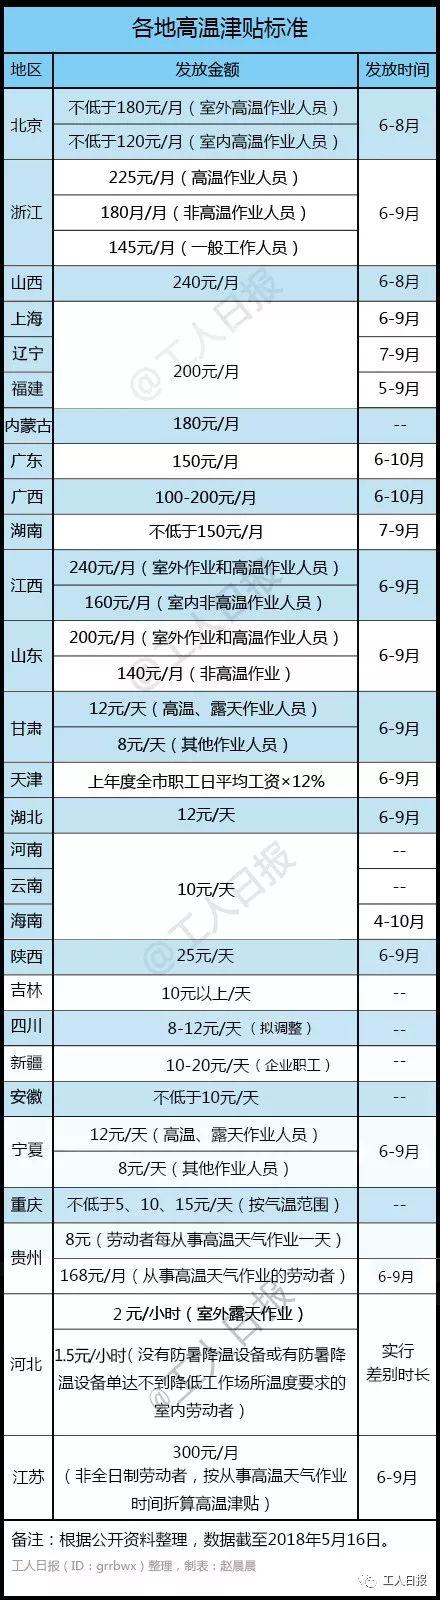 胜博发电子游戏大全:高温津贴下月起陆续发放:江苏天津等地上调金额